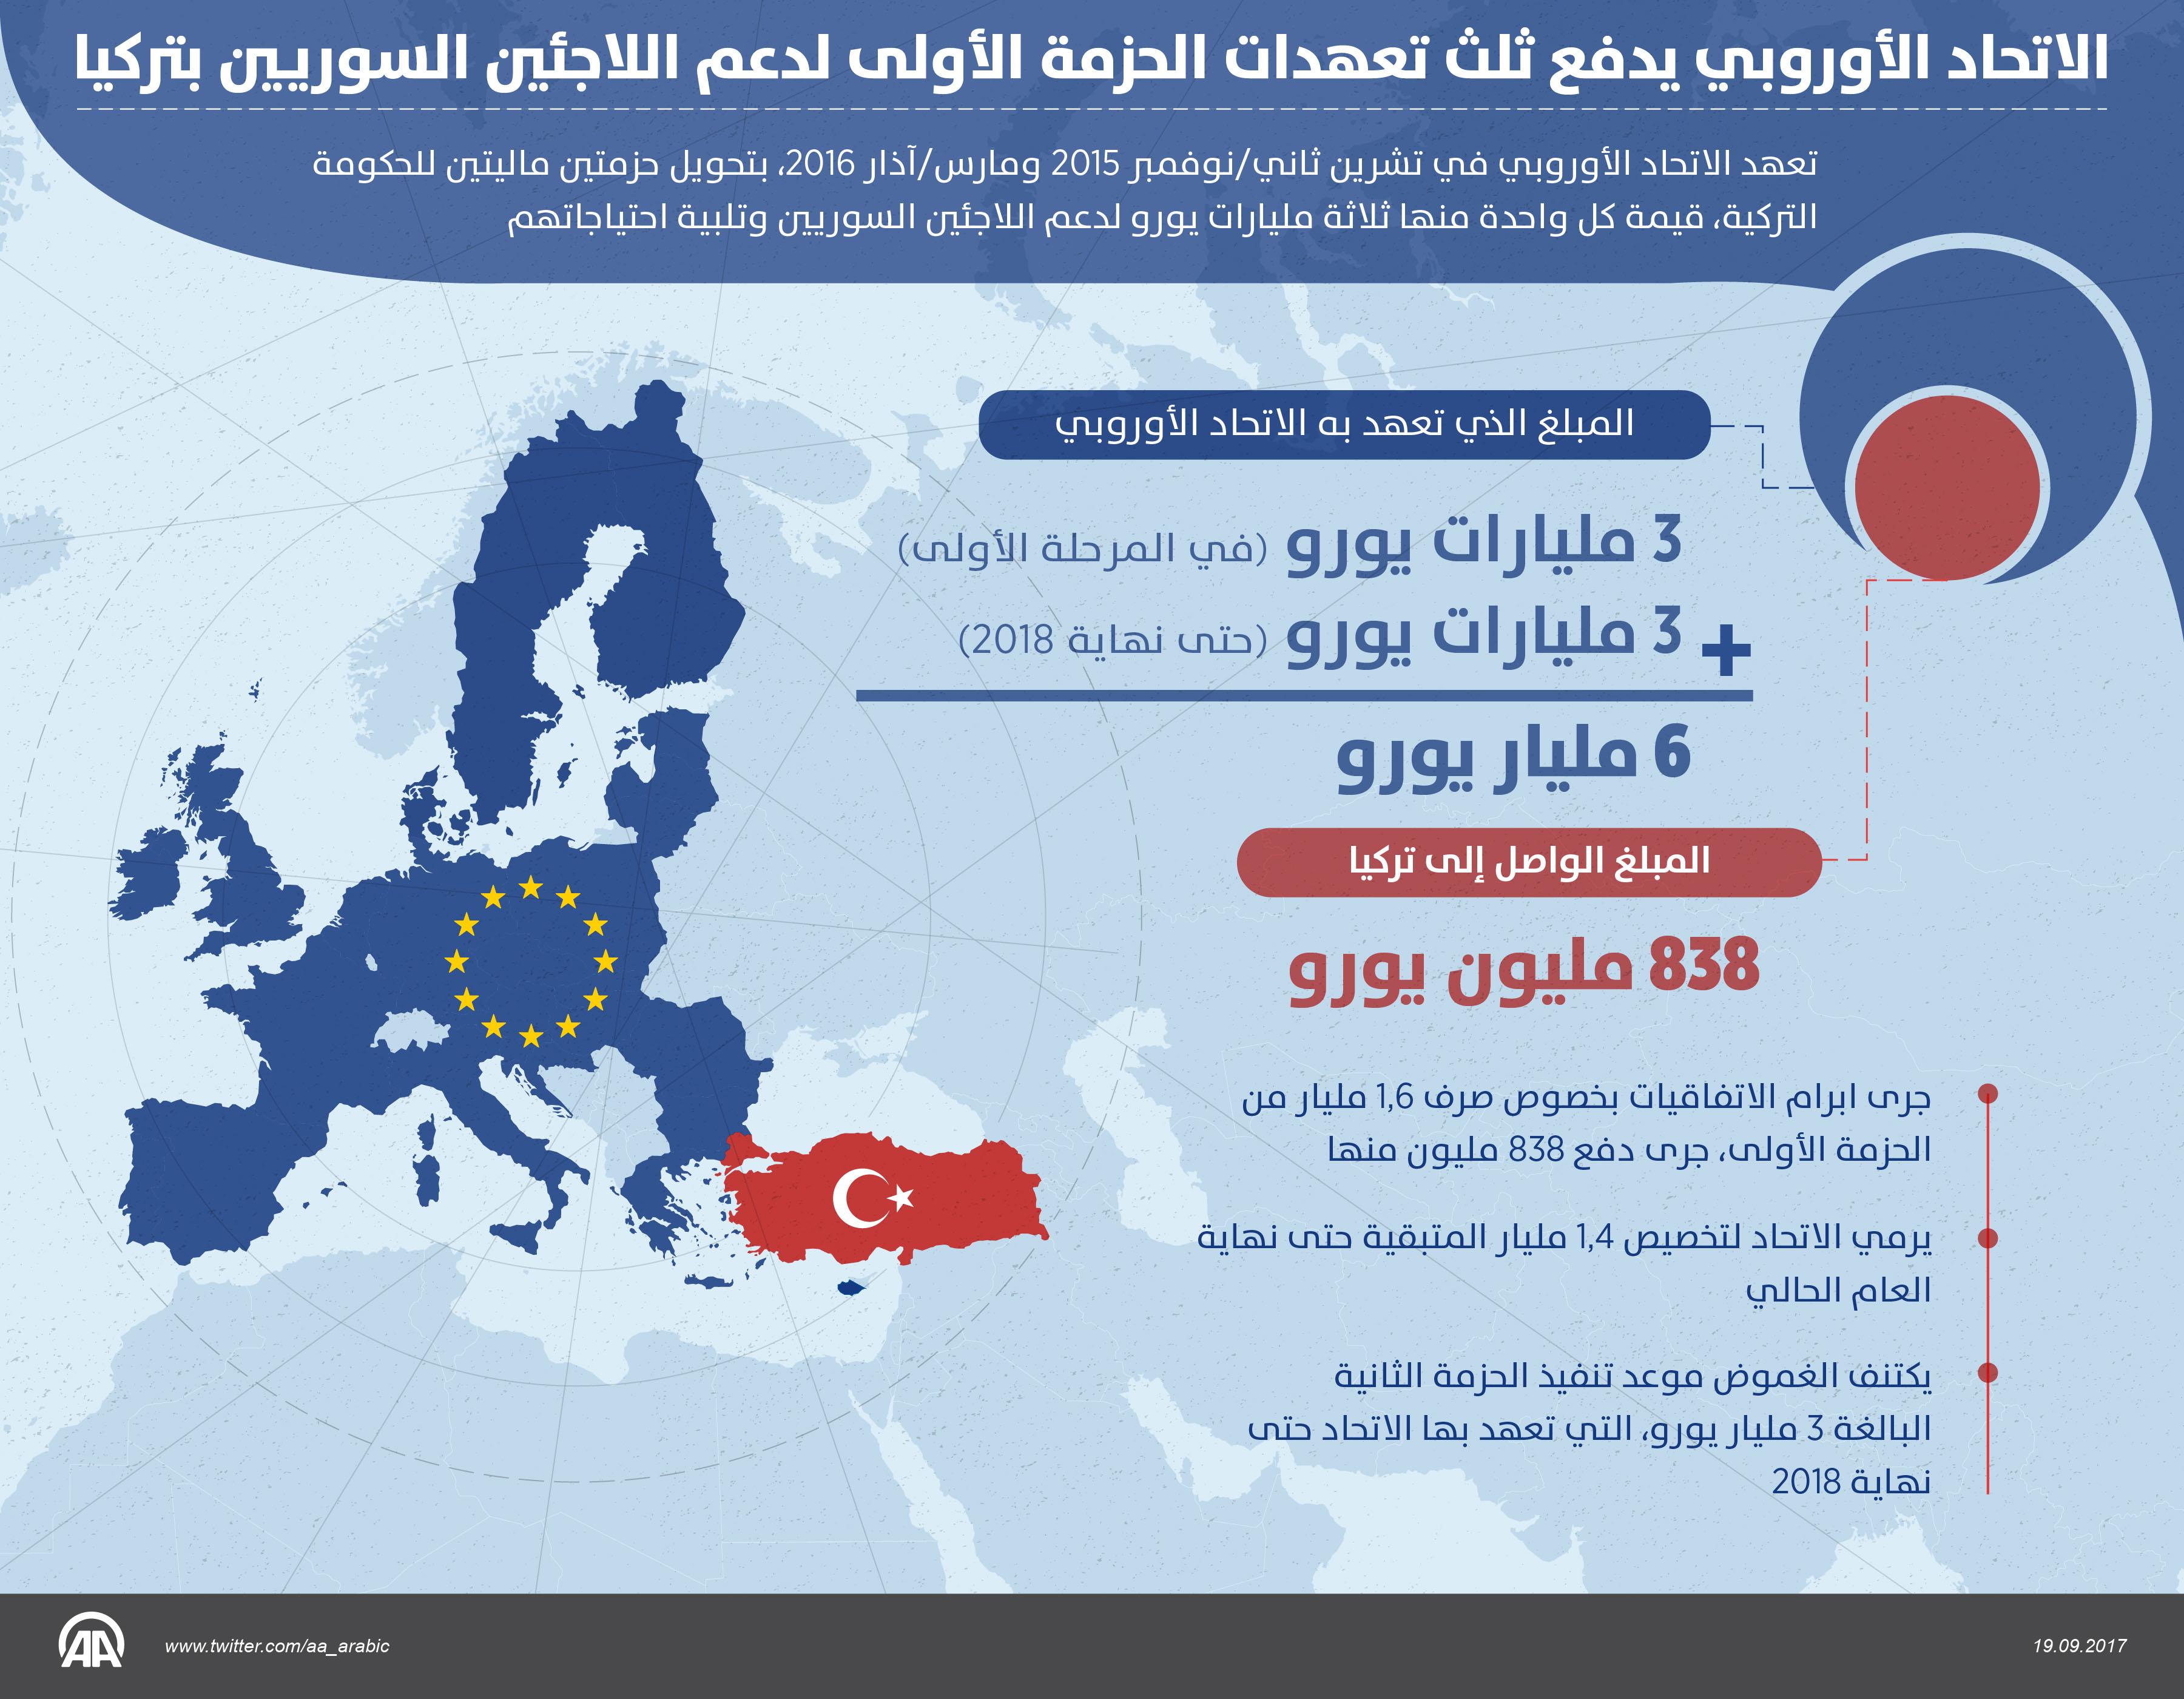 جاويش أوغلو: أوربا قدمت 800 مليون يورو من أصل 6 مليارات تعهدت بها للسوريين